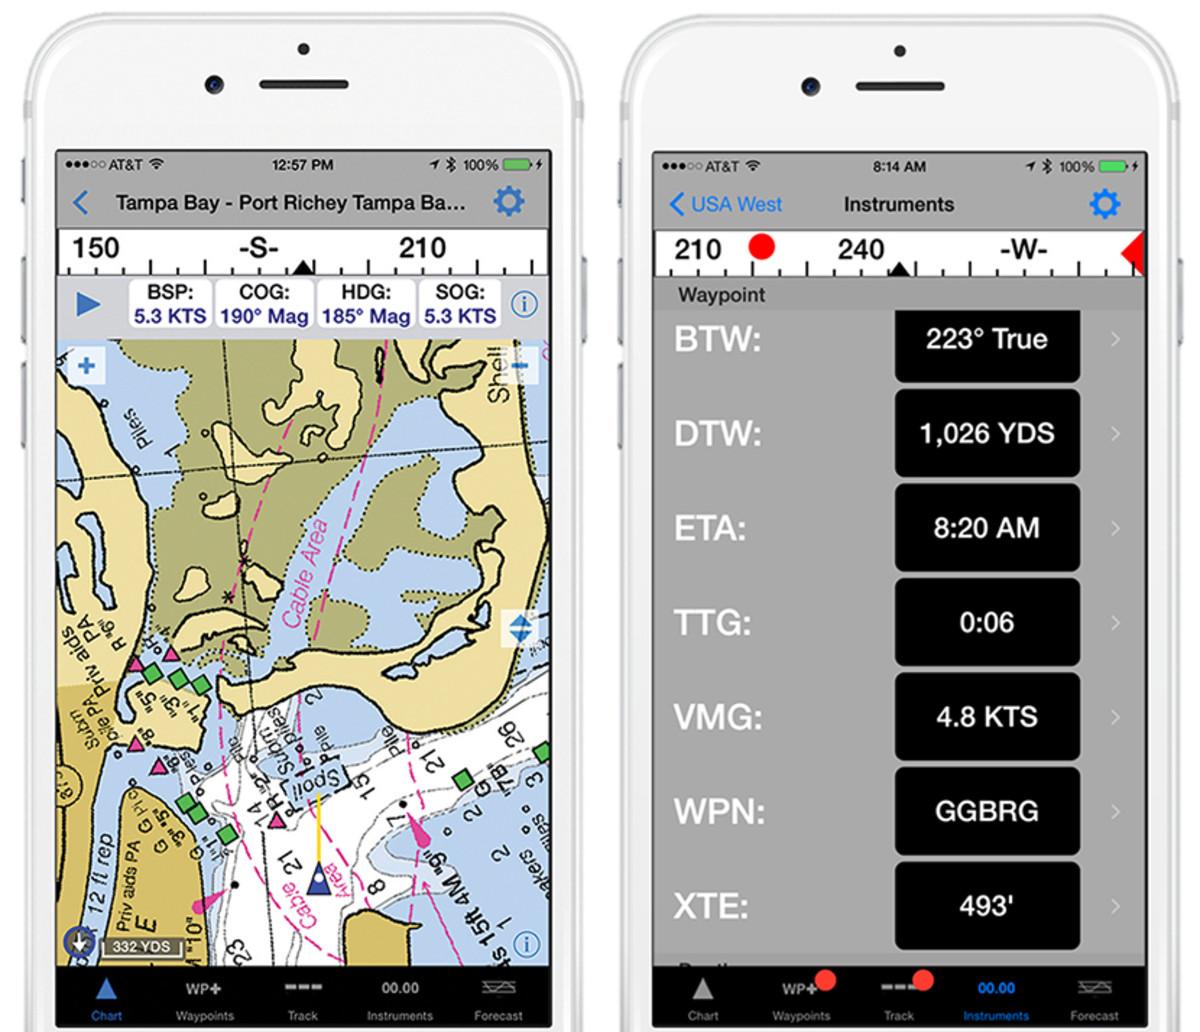 iNavX Marine Navigation Mobile App v4.7.4